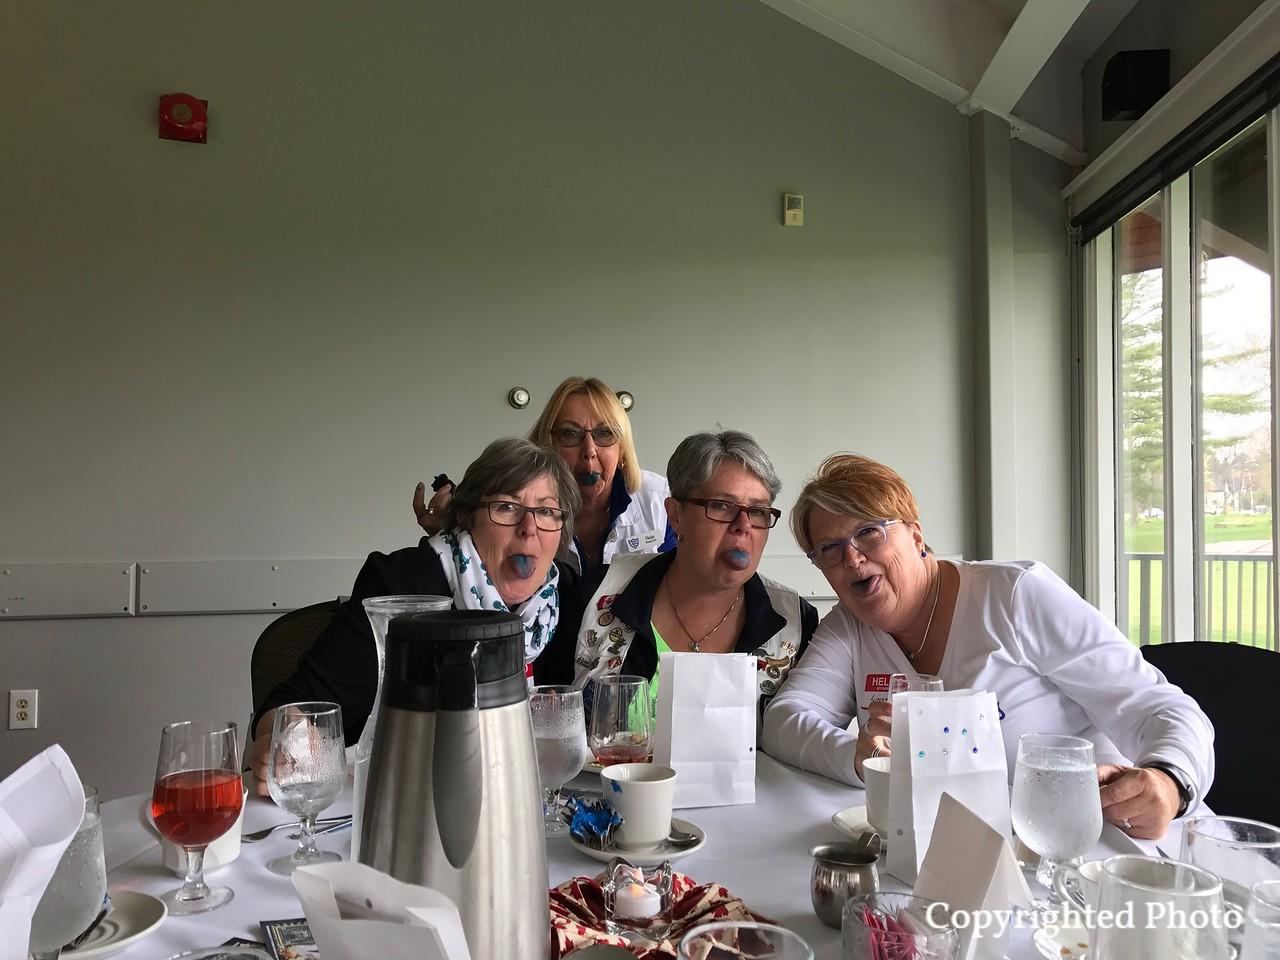 Blue Cupcakes left an impression of Haija, Susan, Karen, and Linda